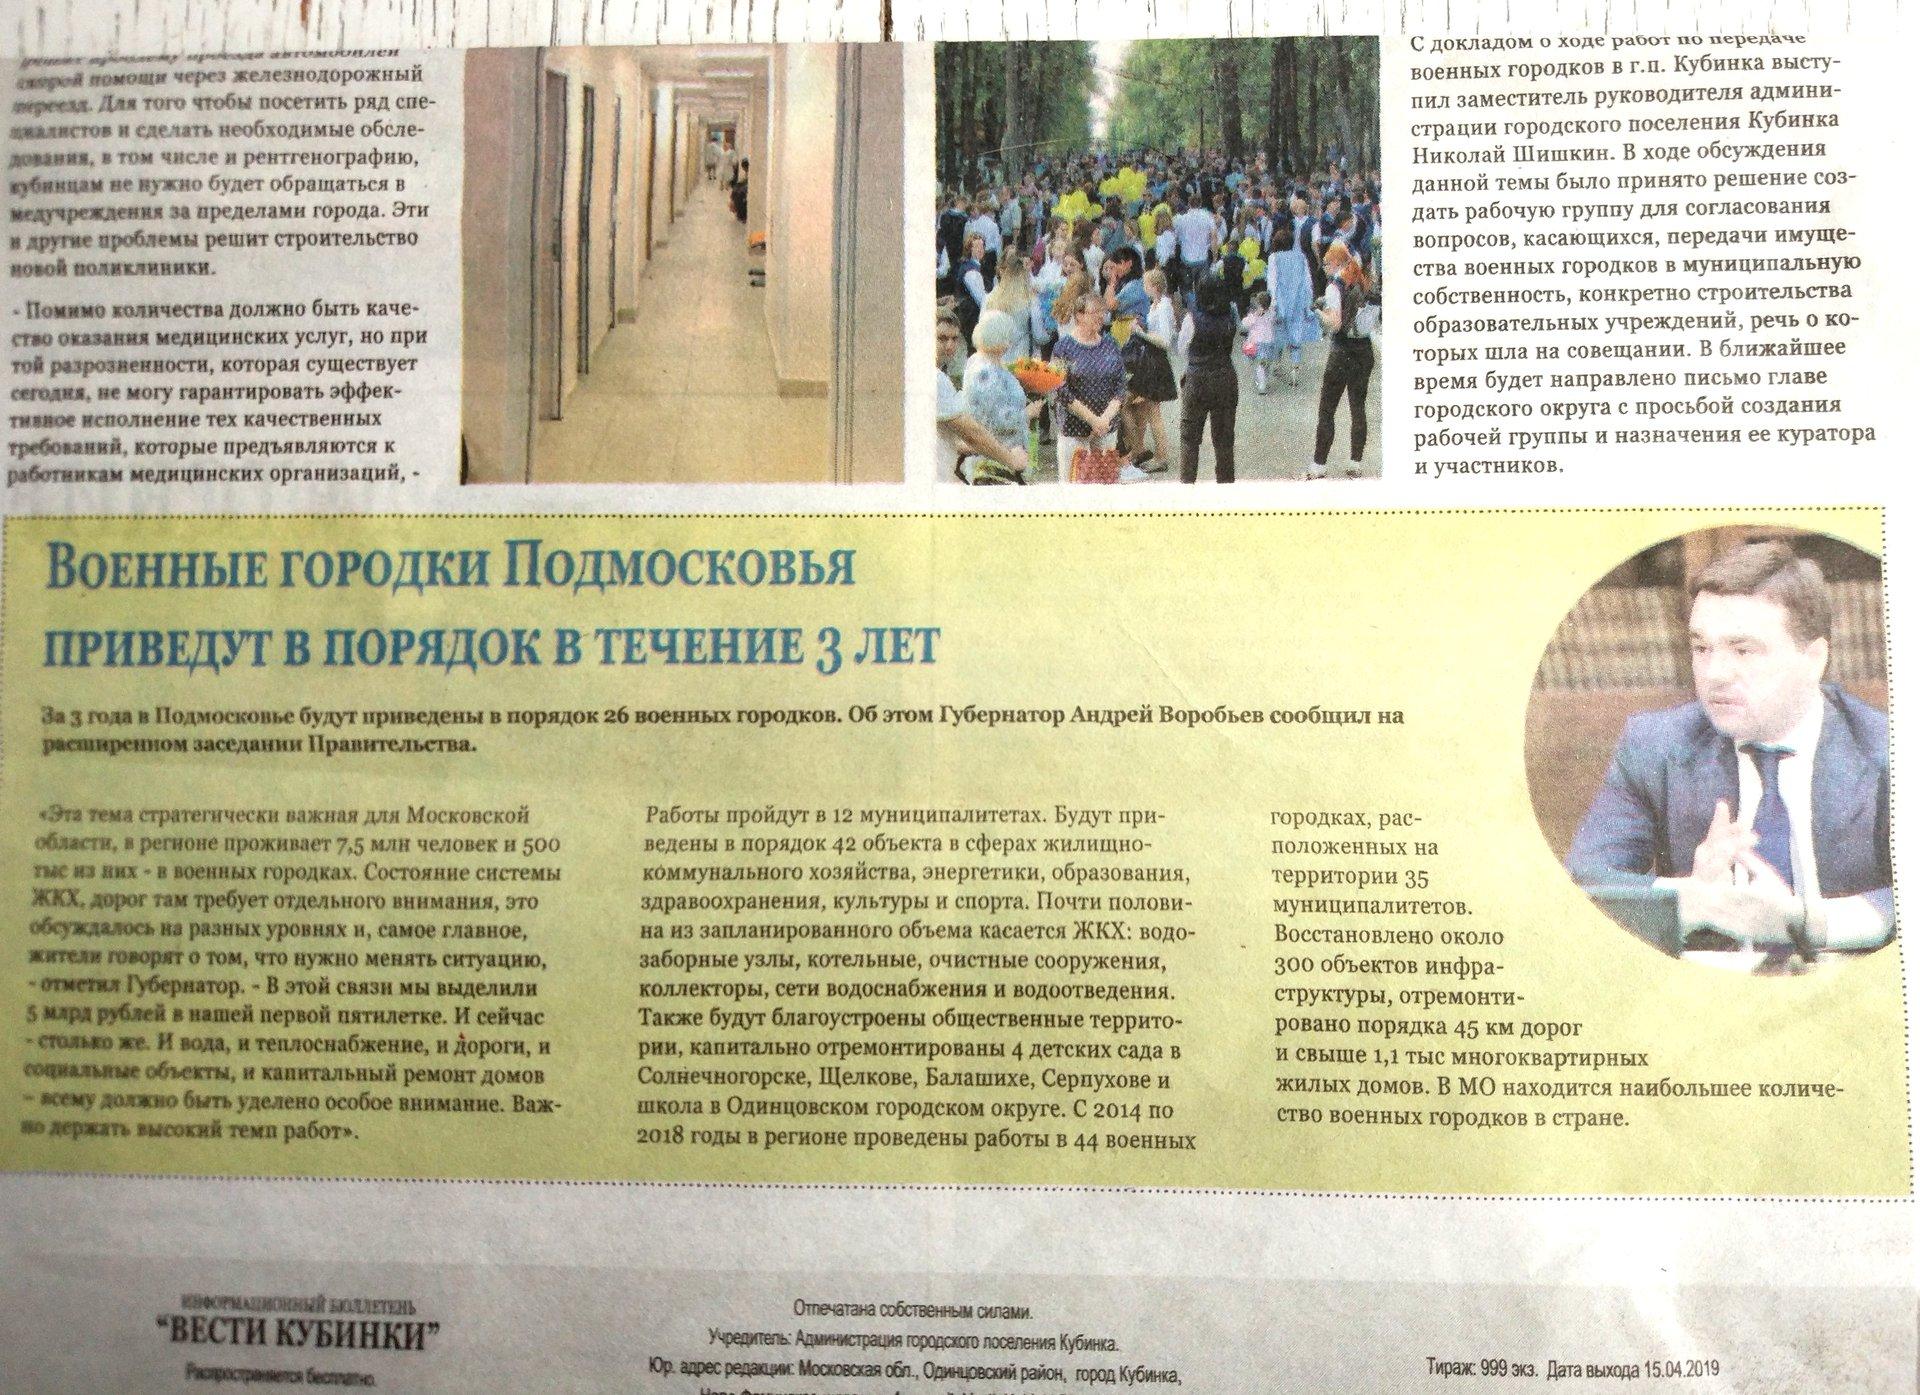 Дневник депутата. Наталья Кононова  Вчера, 15 октября, присутствовала